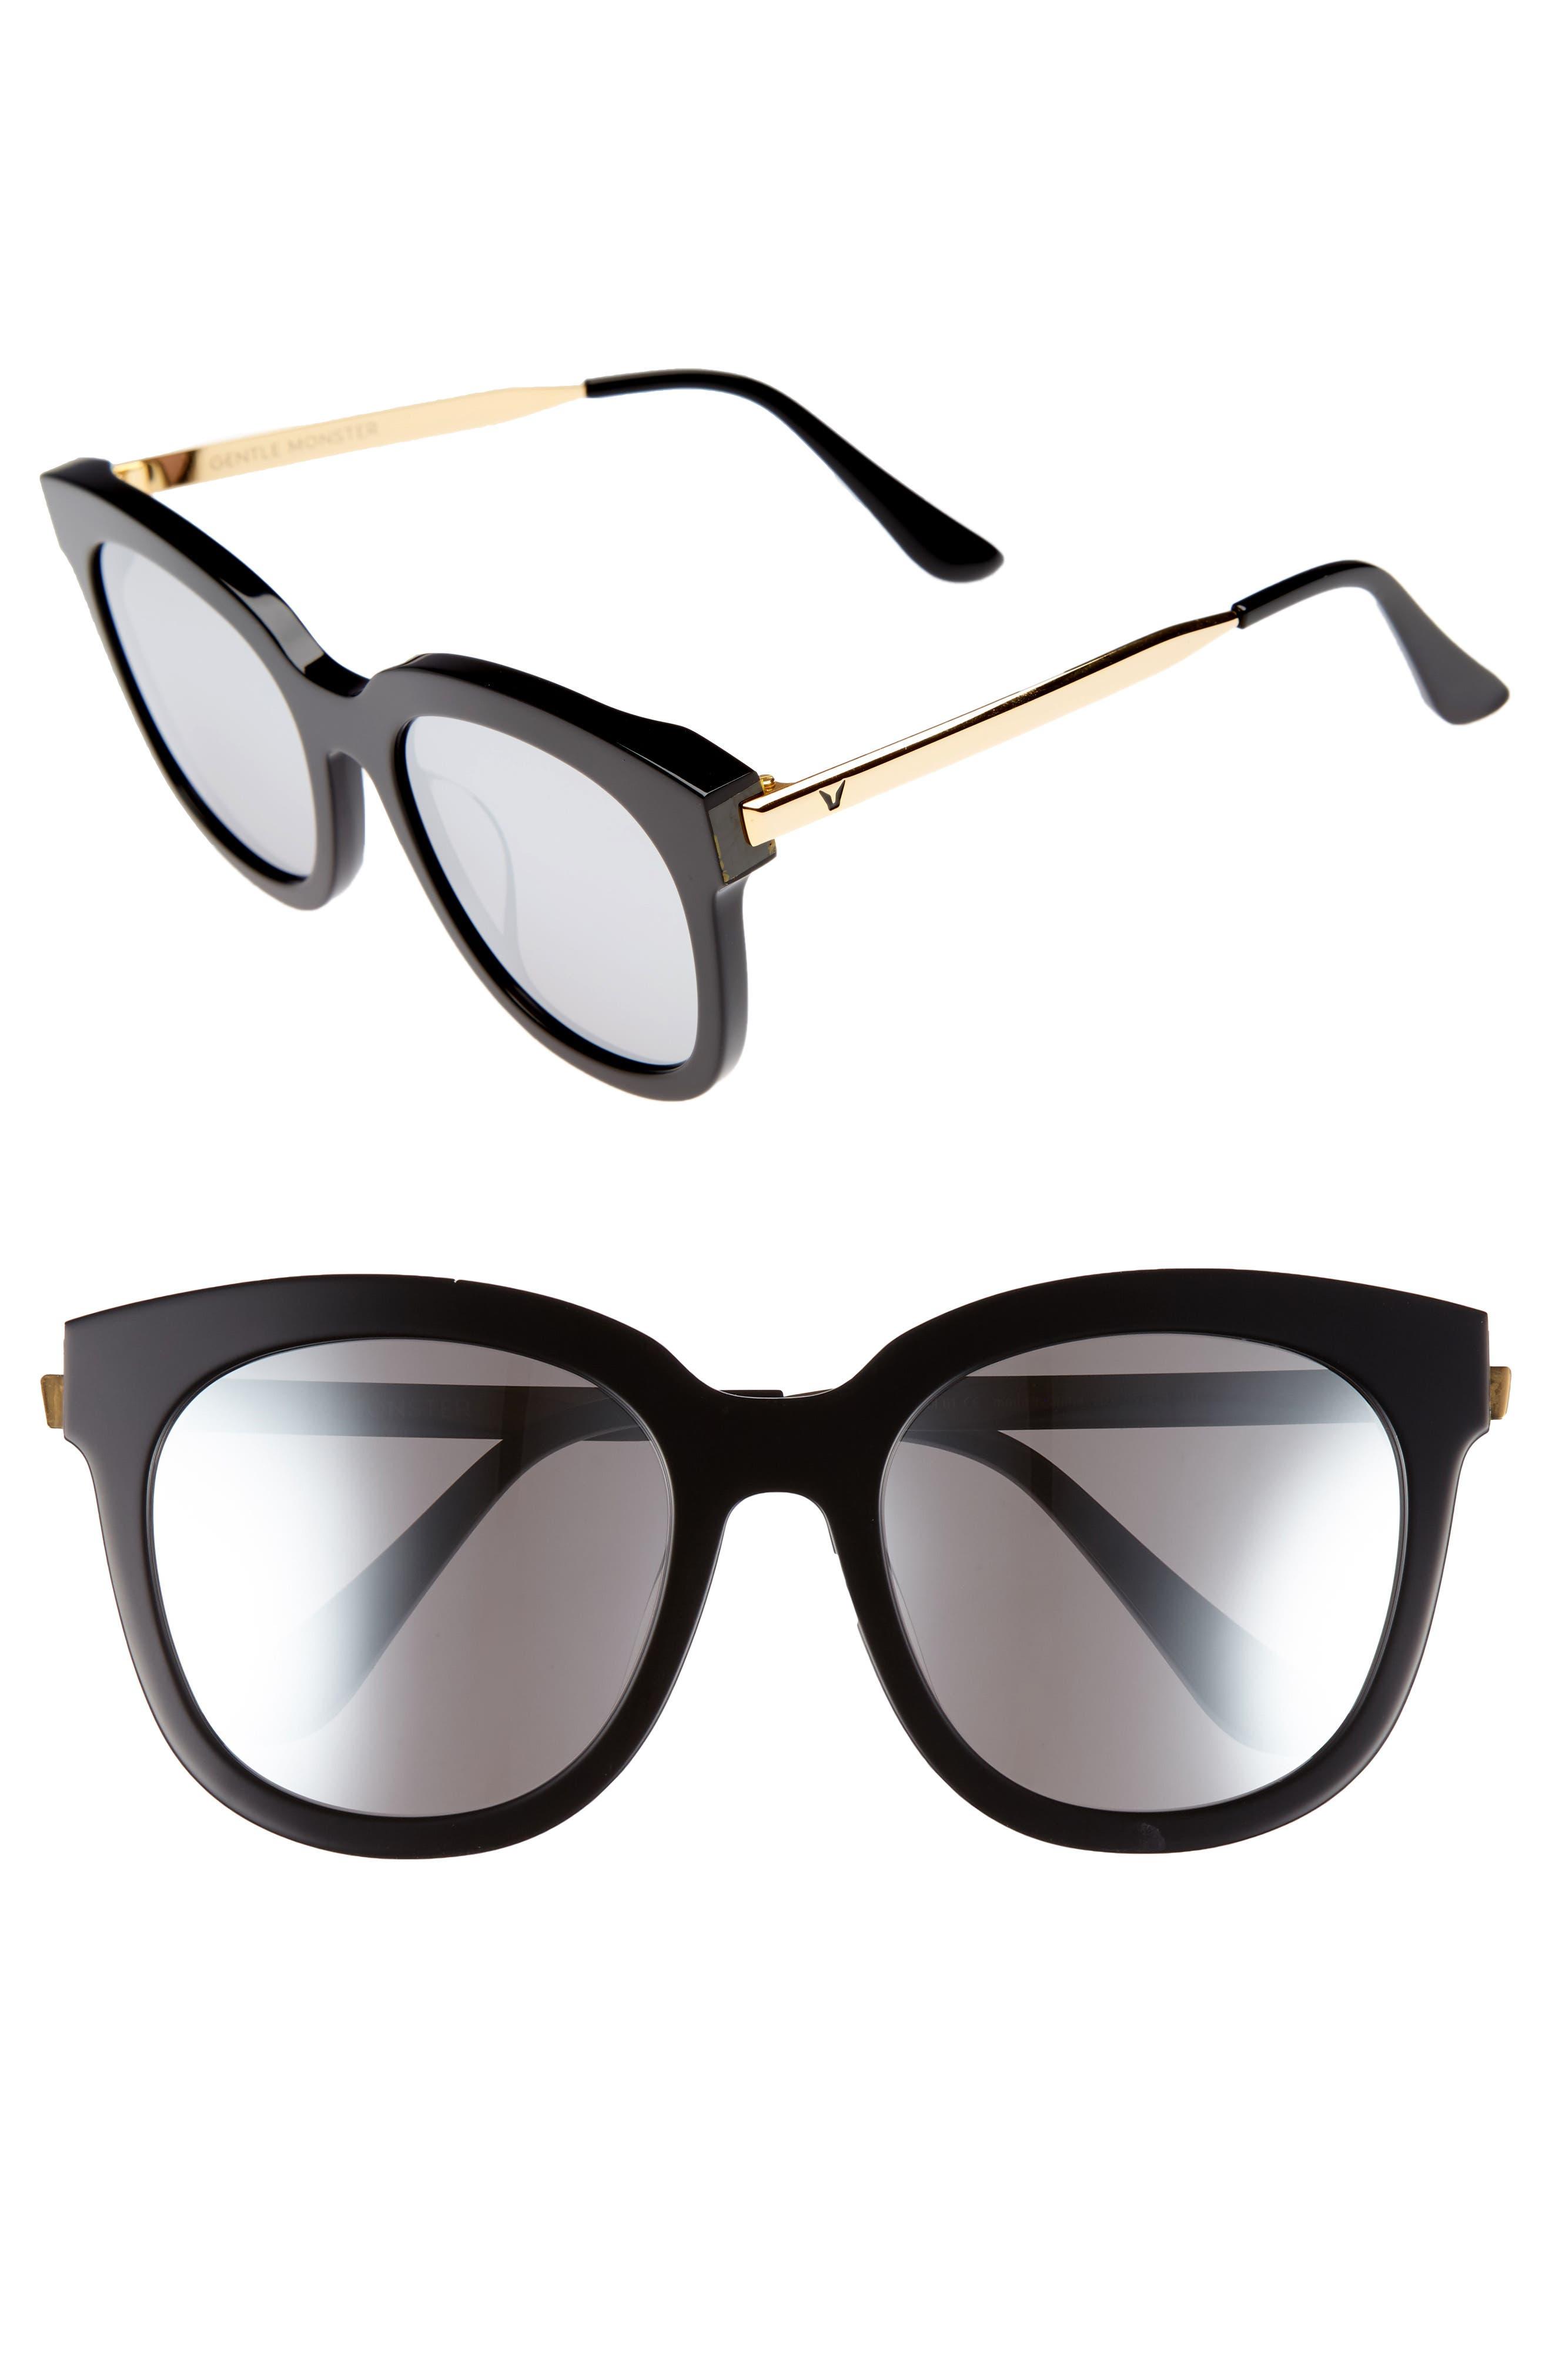 Cuba 503 55mm Zeiss Lens Sunglasses,                         Main,                         color, 001